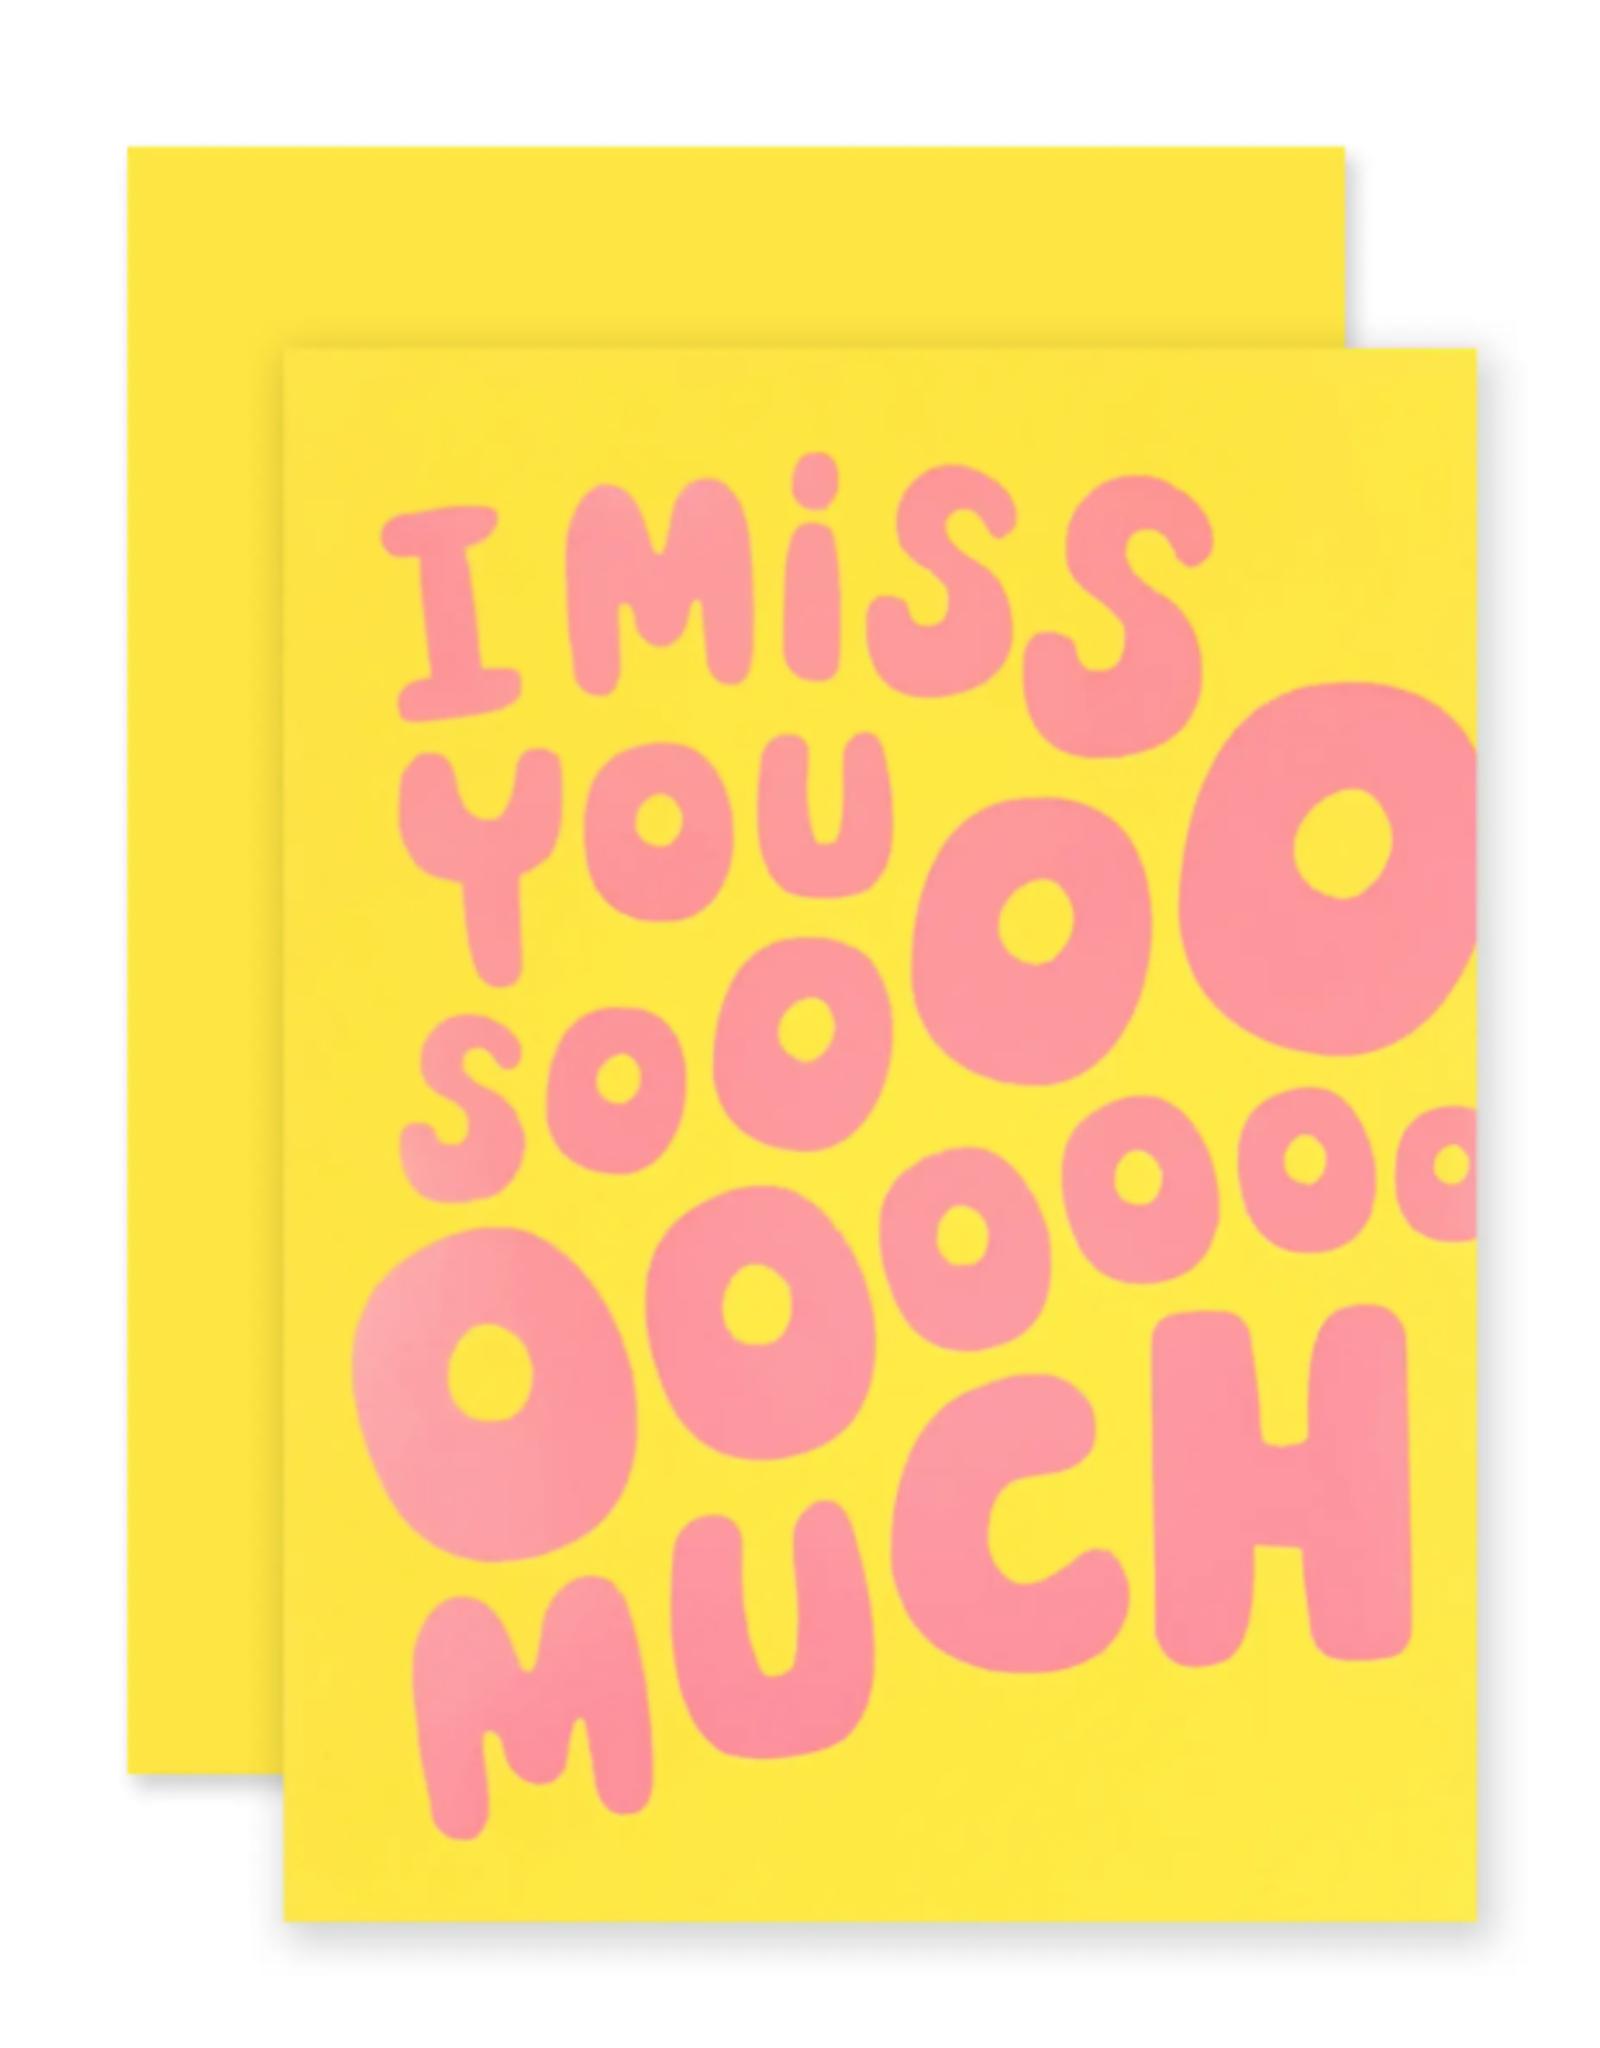 I Miss you Sooo Much